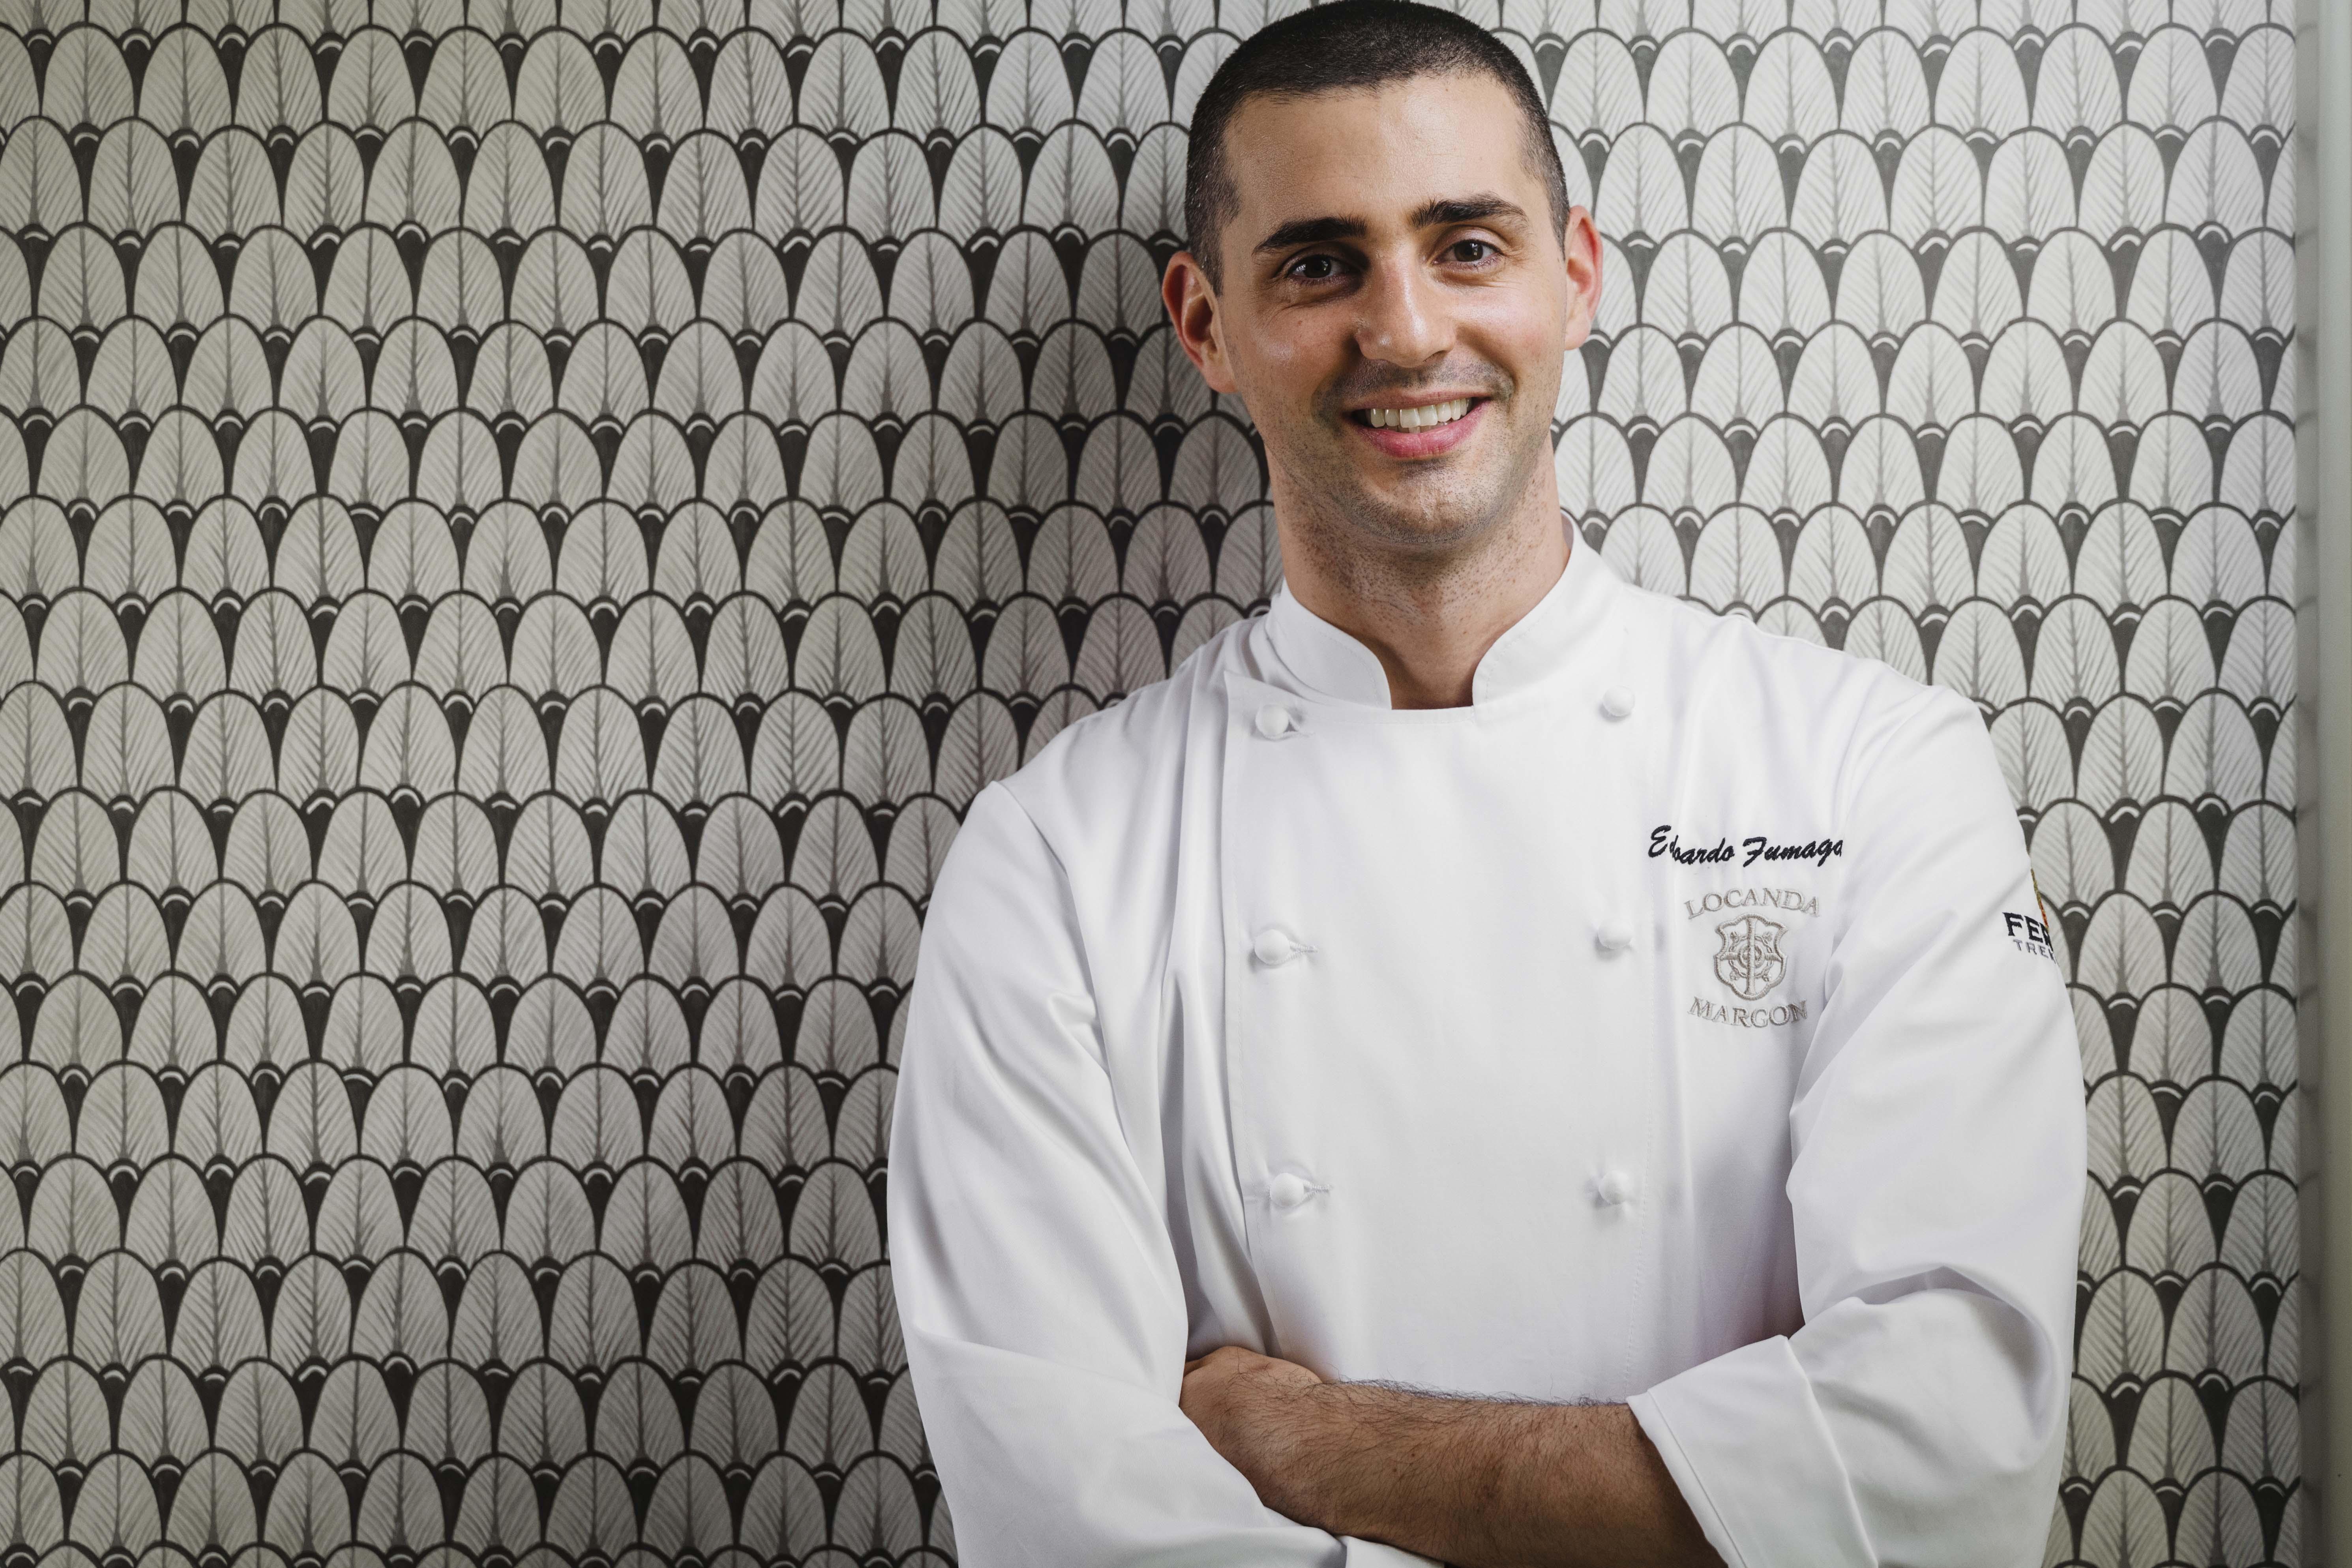 Edoardo Fumagalli è il nuovo chef di Locanda Margon